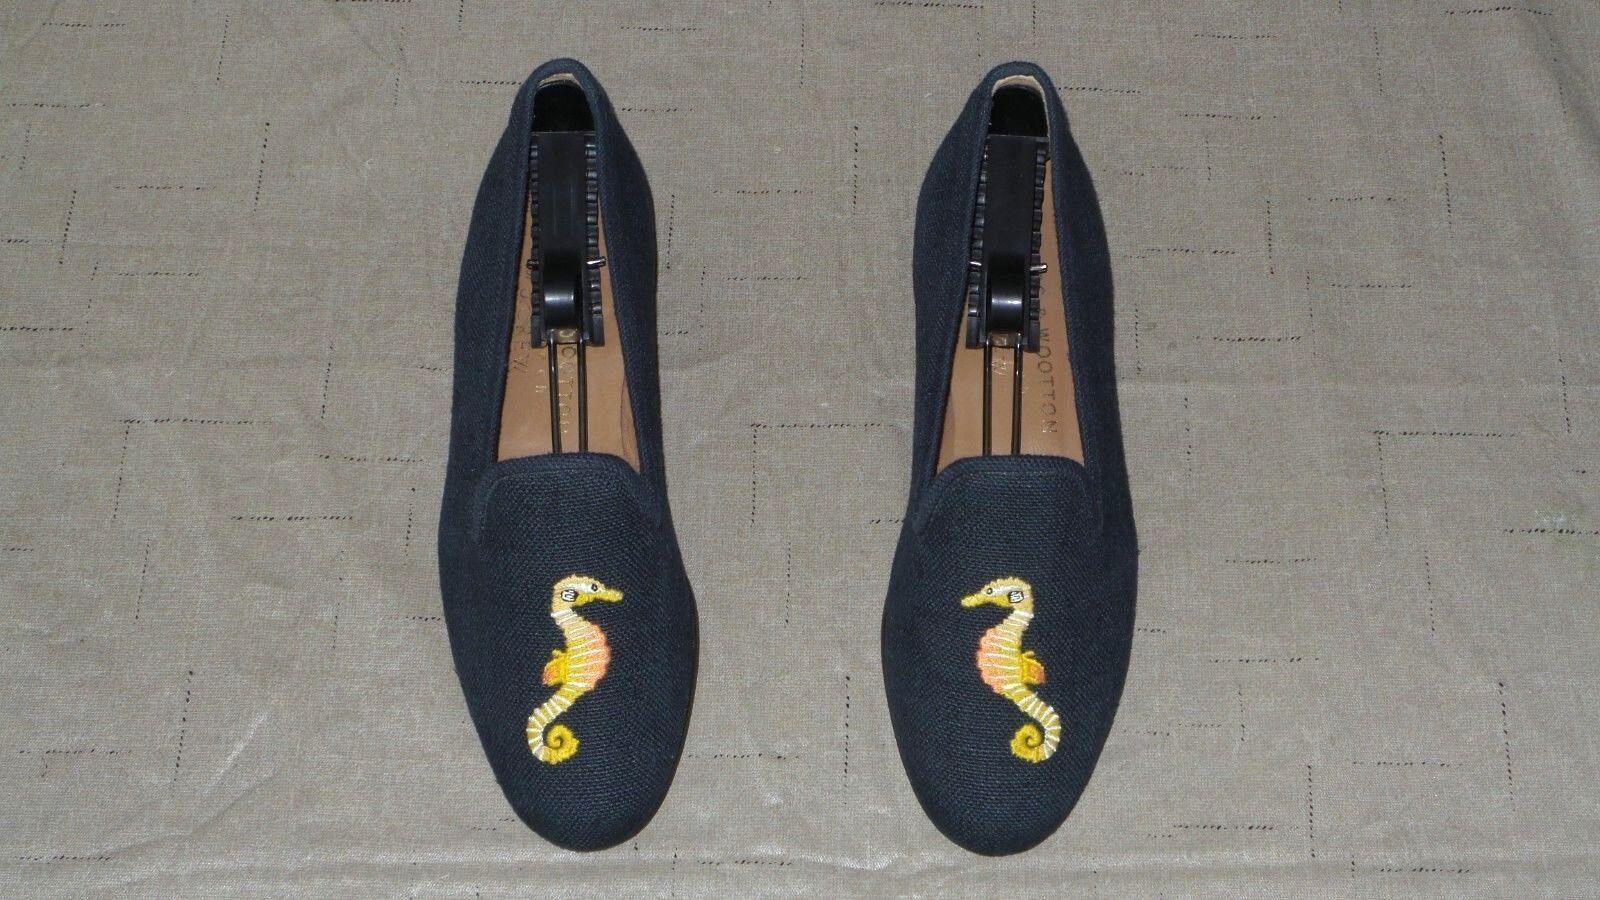 Tan lindo  Mujer Mujer Mujer  450 Stubbs and wootton Mocasines Zapatos Zapatillas De Lona  Caballito de mar  ahorrar en el despacho